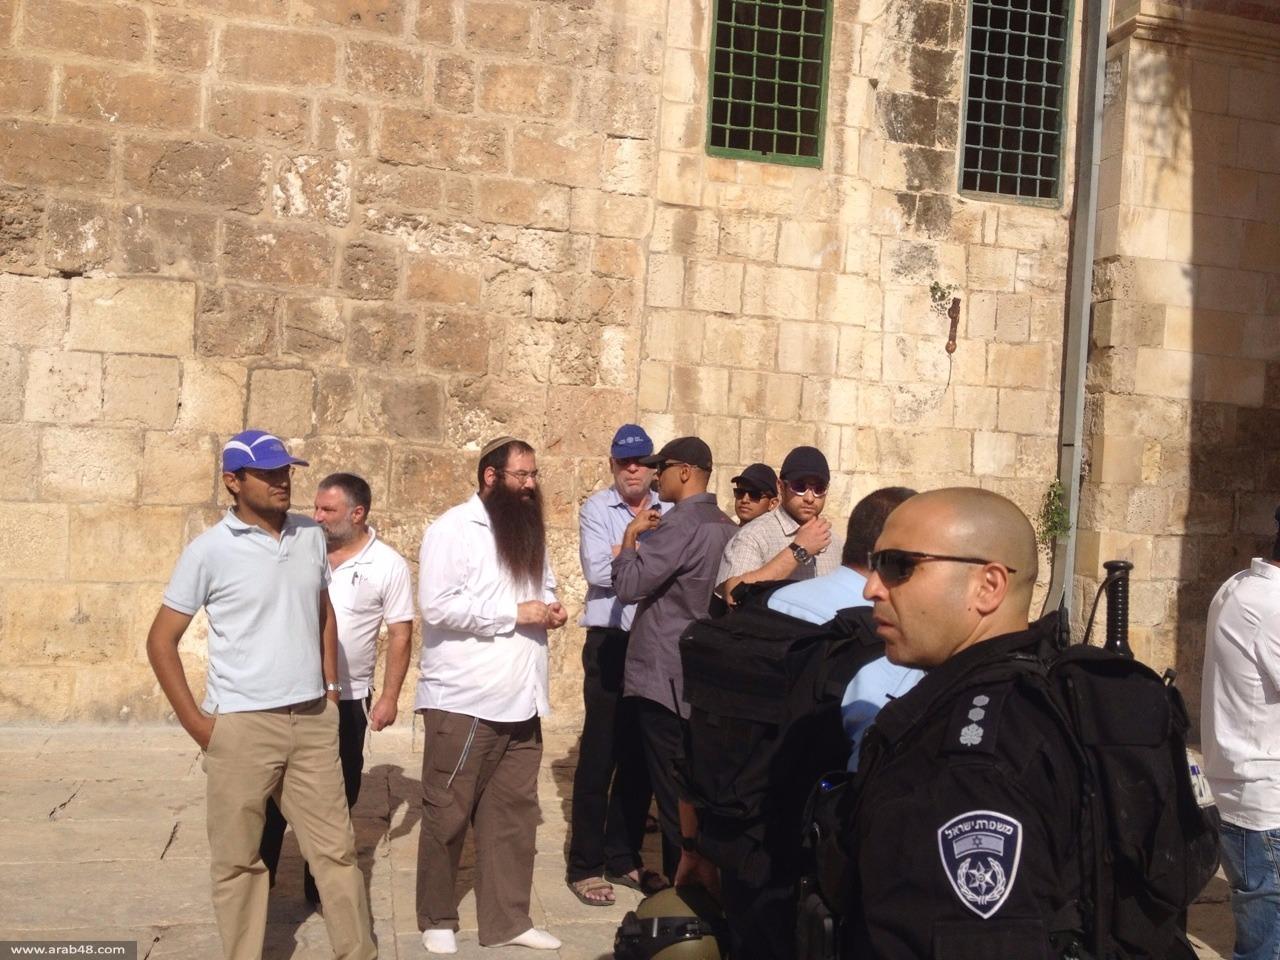 المستوطنون يقتحمون الأقصى ثانية وتجدد المواجهات مع الاحتلال